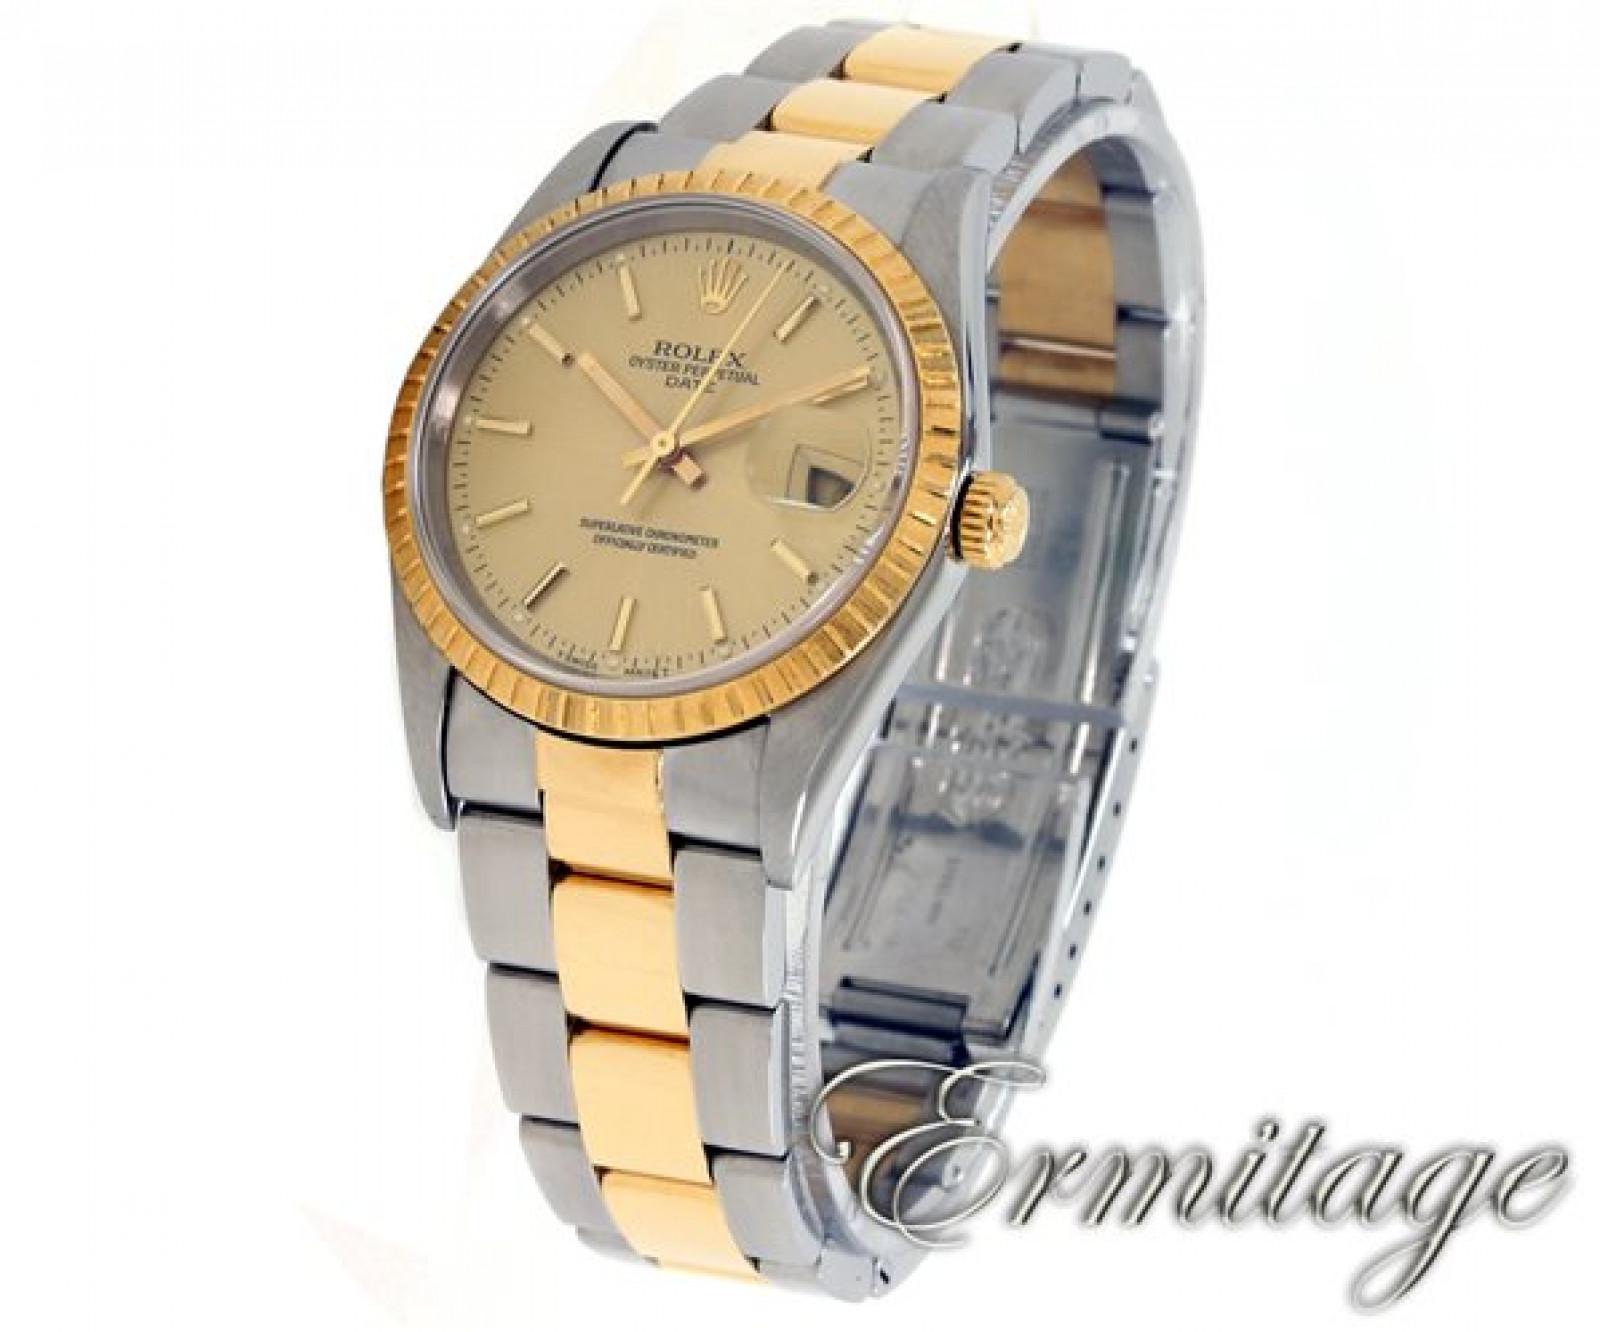 1992 Rolex Date Ref. 15223